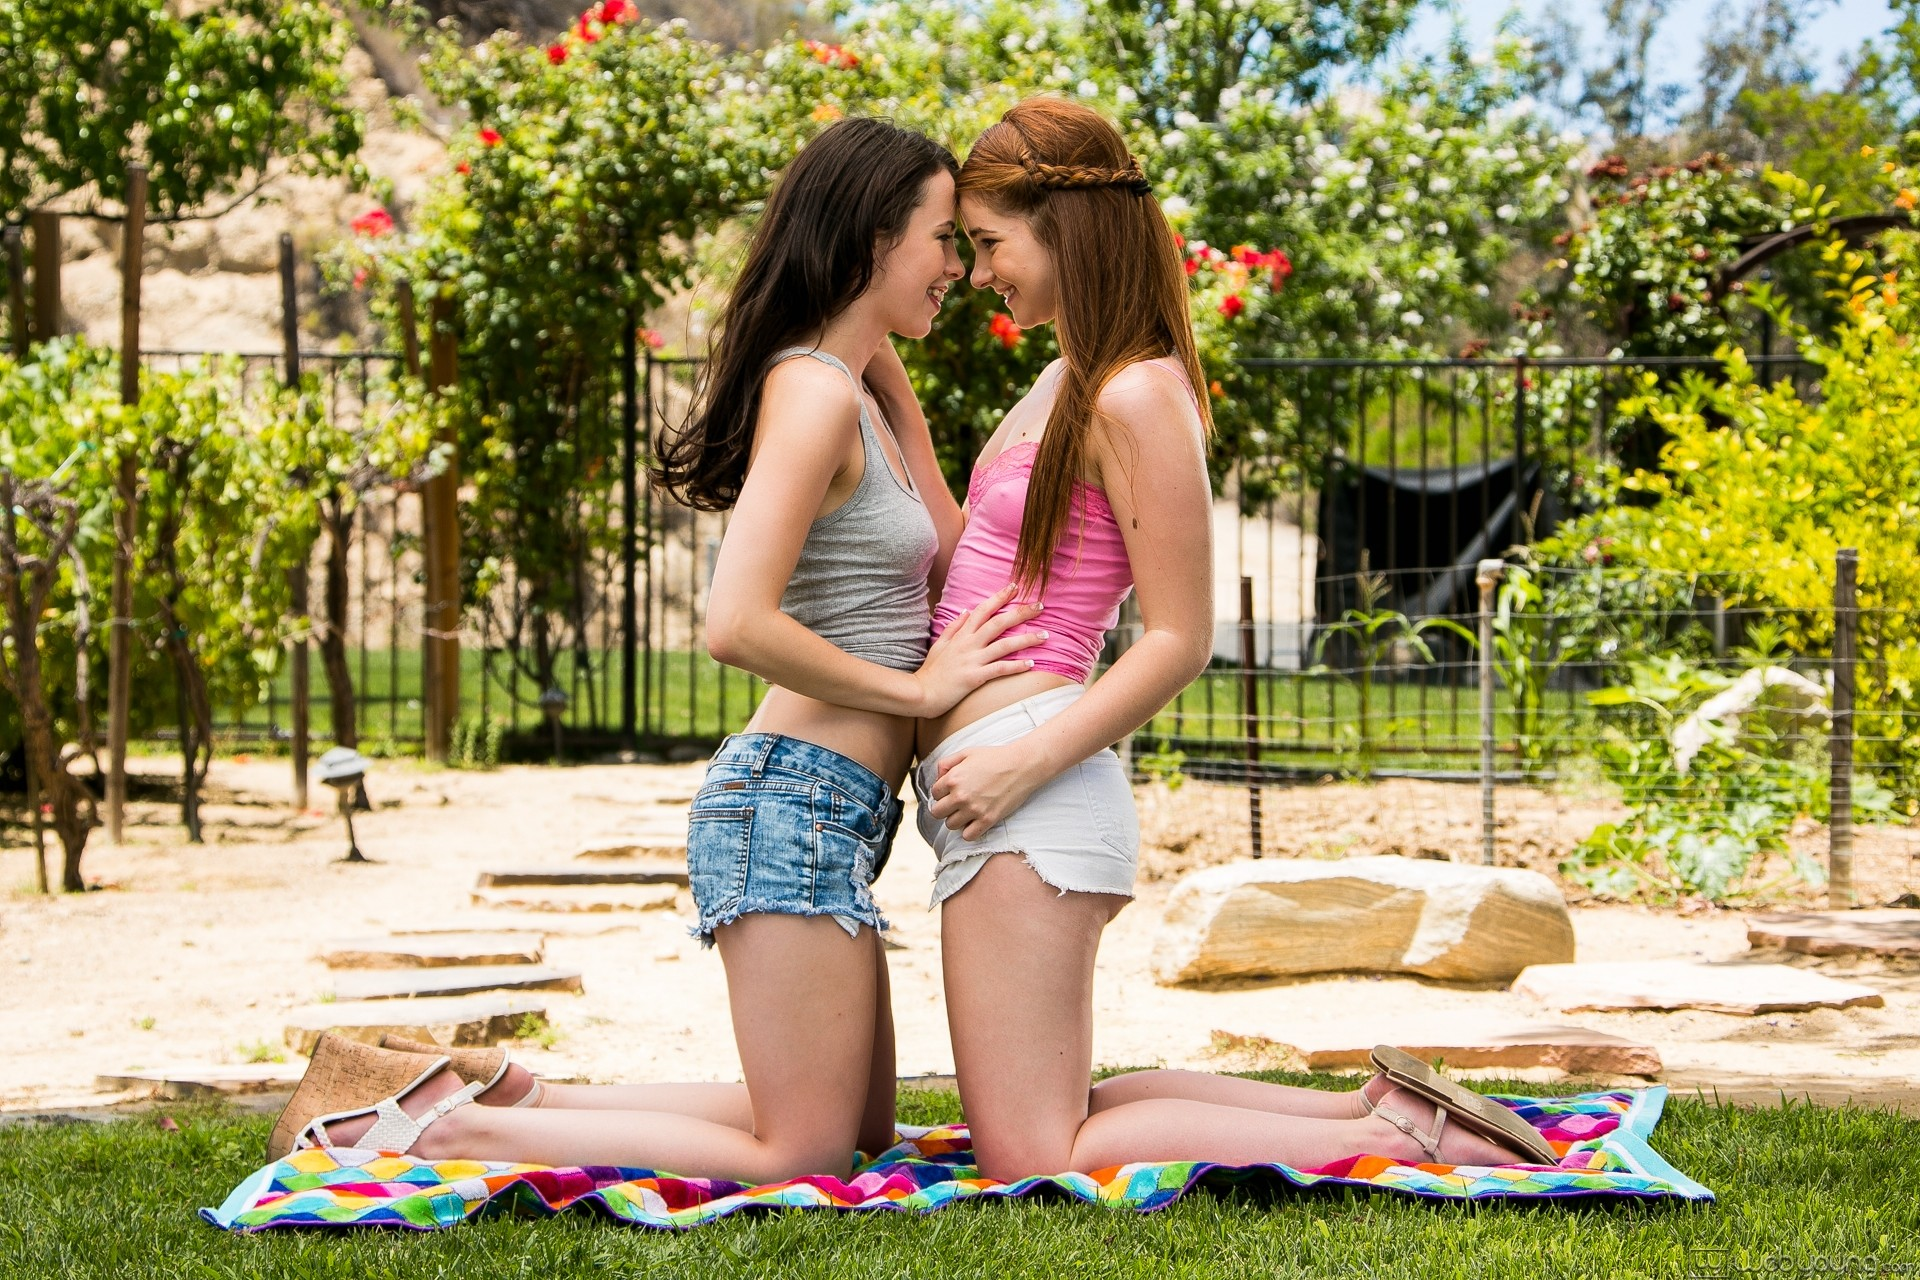 Смотреть лесбиянка онлайн